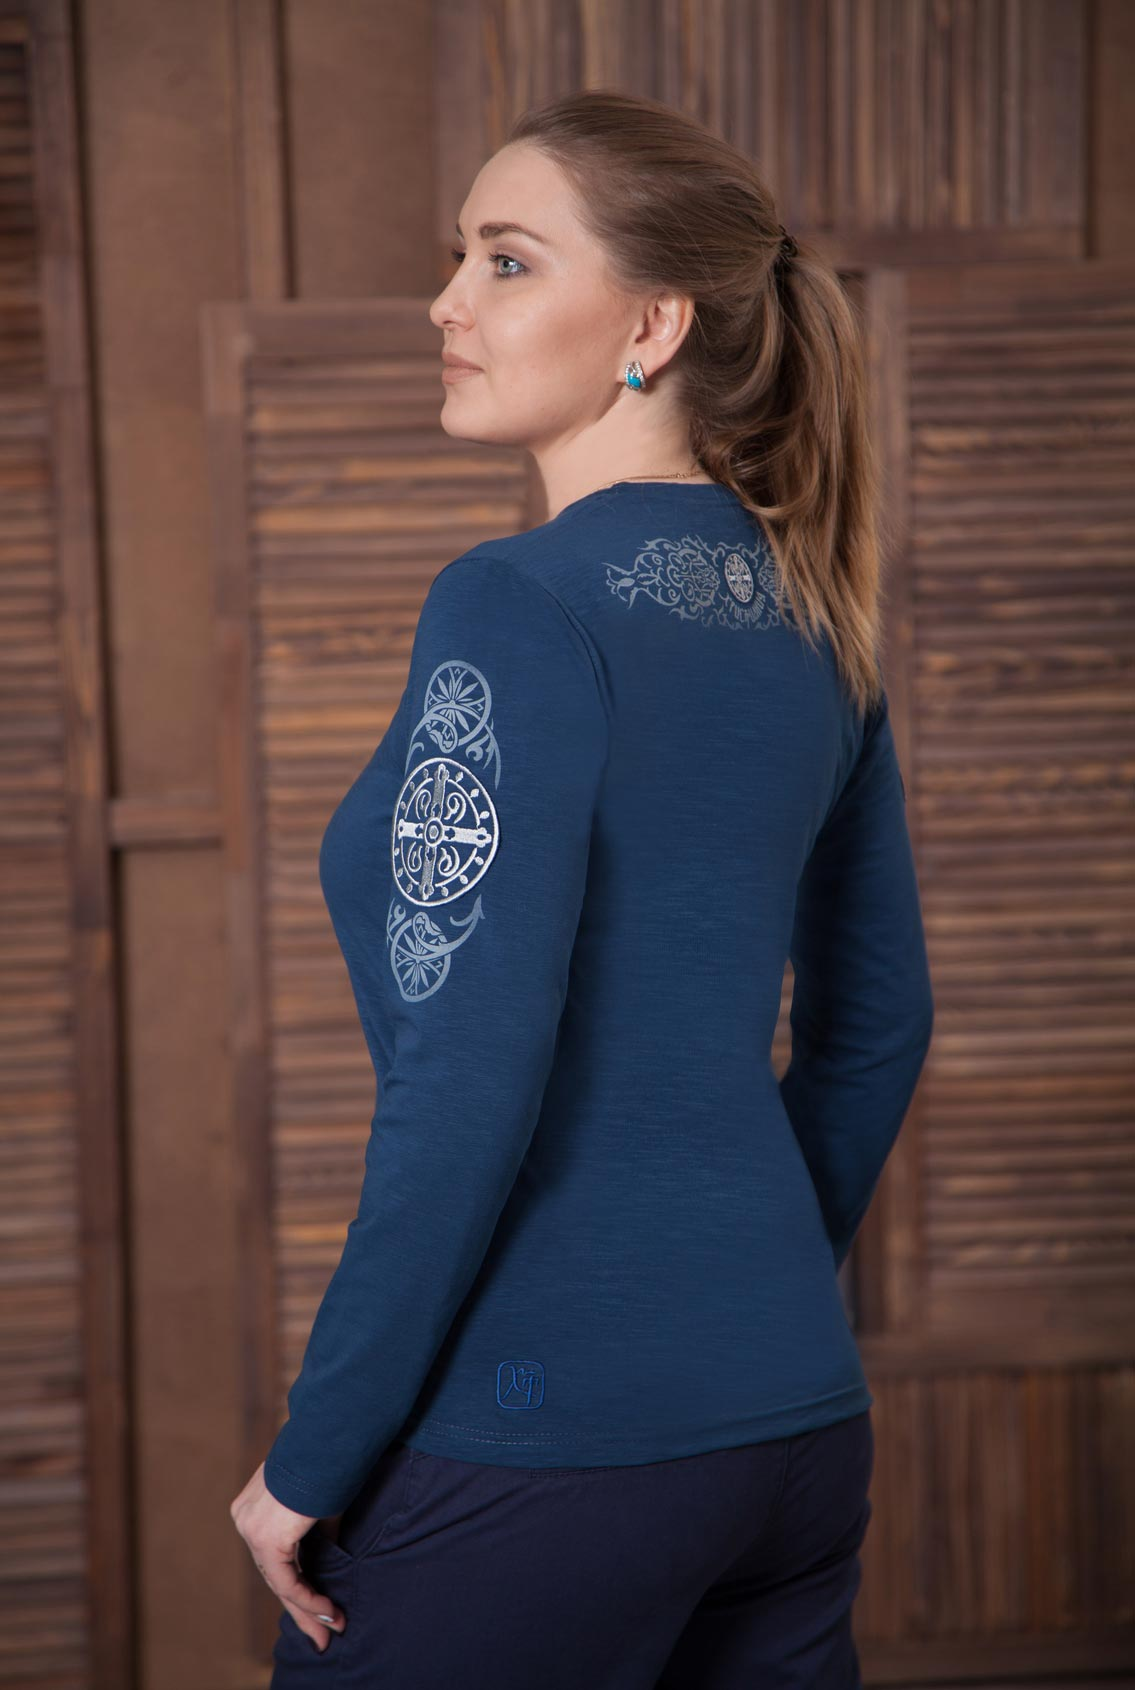 женская футболка с длинным рукавом, long sleeve shirt woman